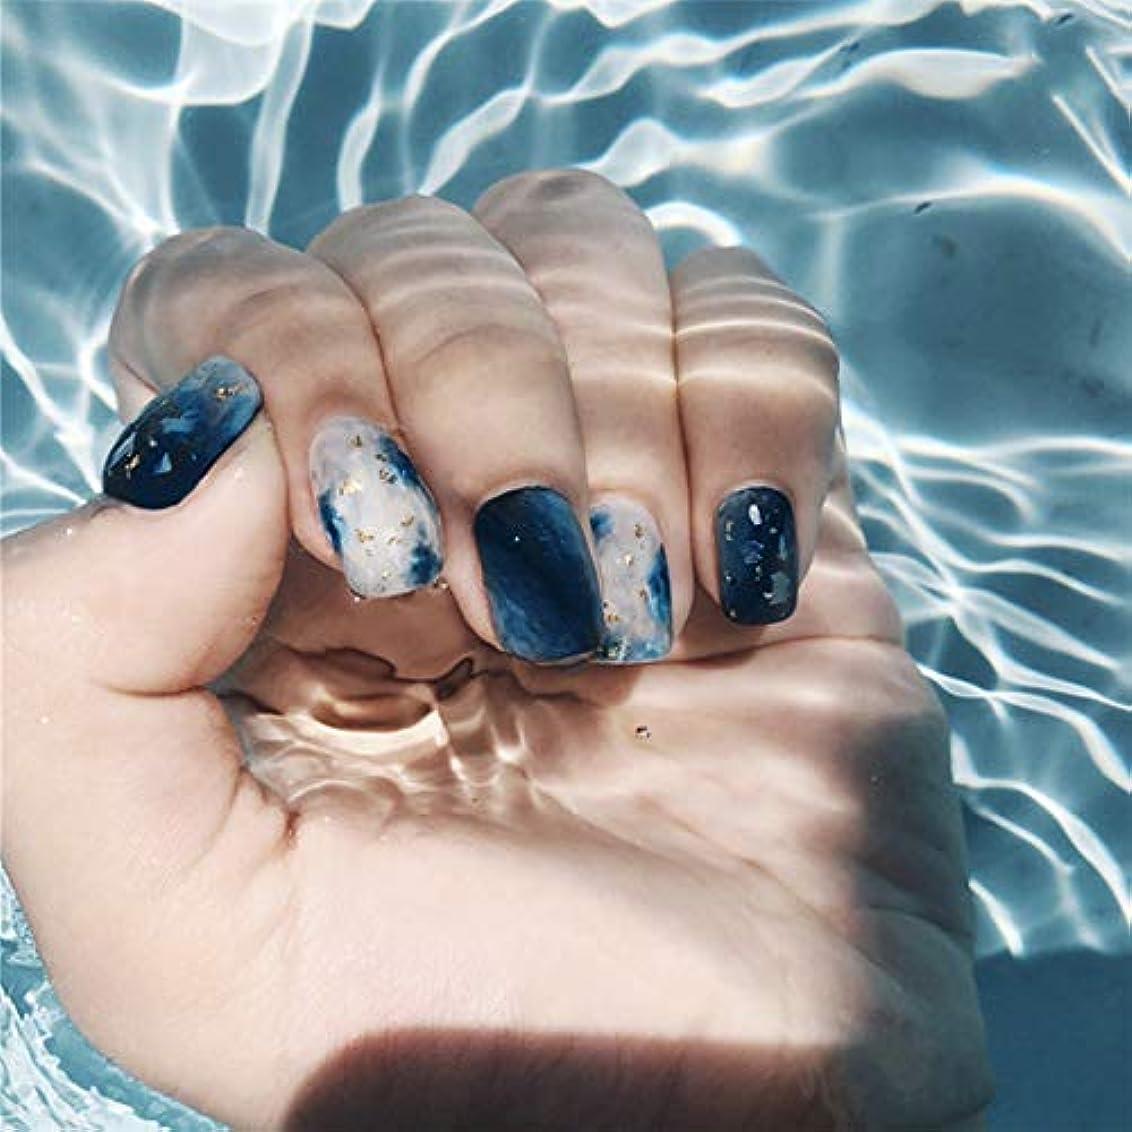 アラバマ頭痛入場料XUTXZKA 女性のための24個のファッション偽爪ネイルアート大理石ブルースポット人工爪のヒント偽爪